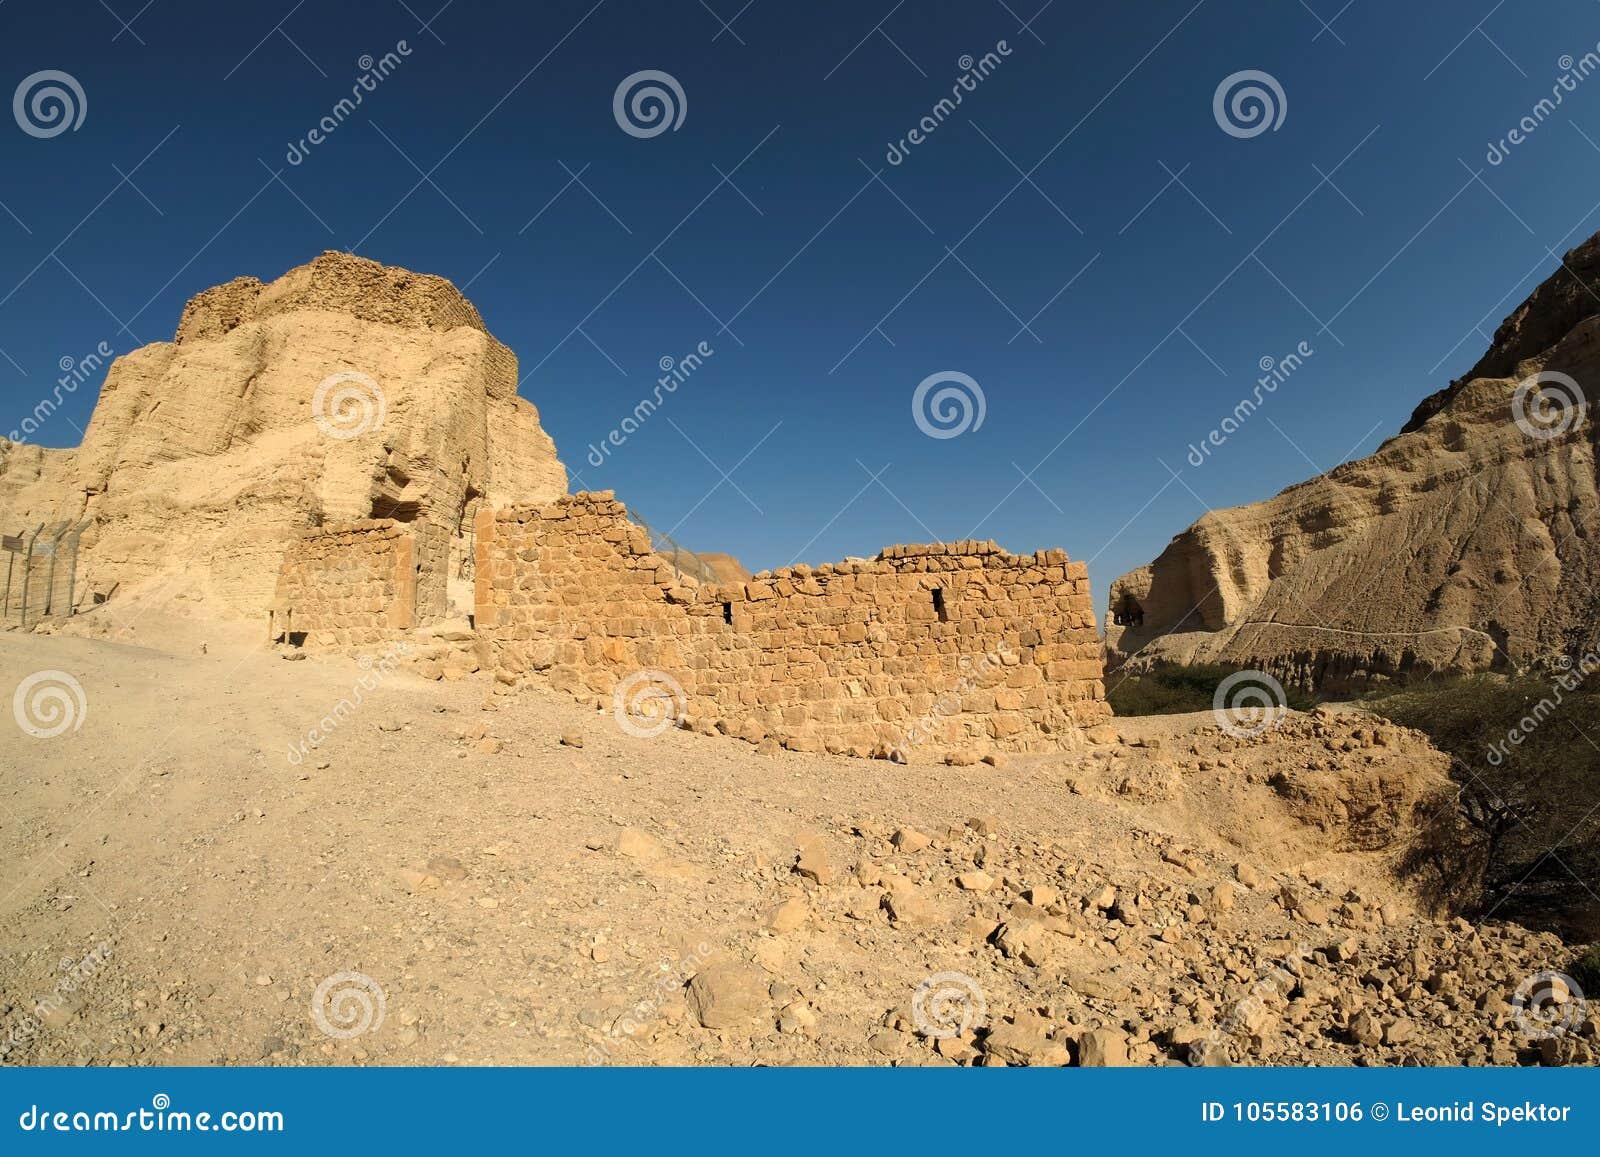 Zohar Festung in der Judea Wüste